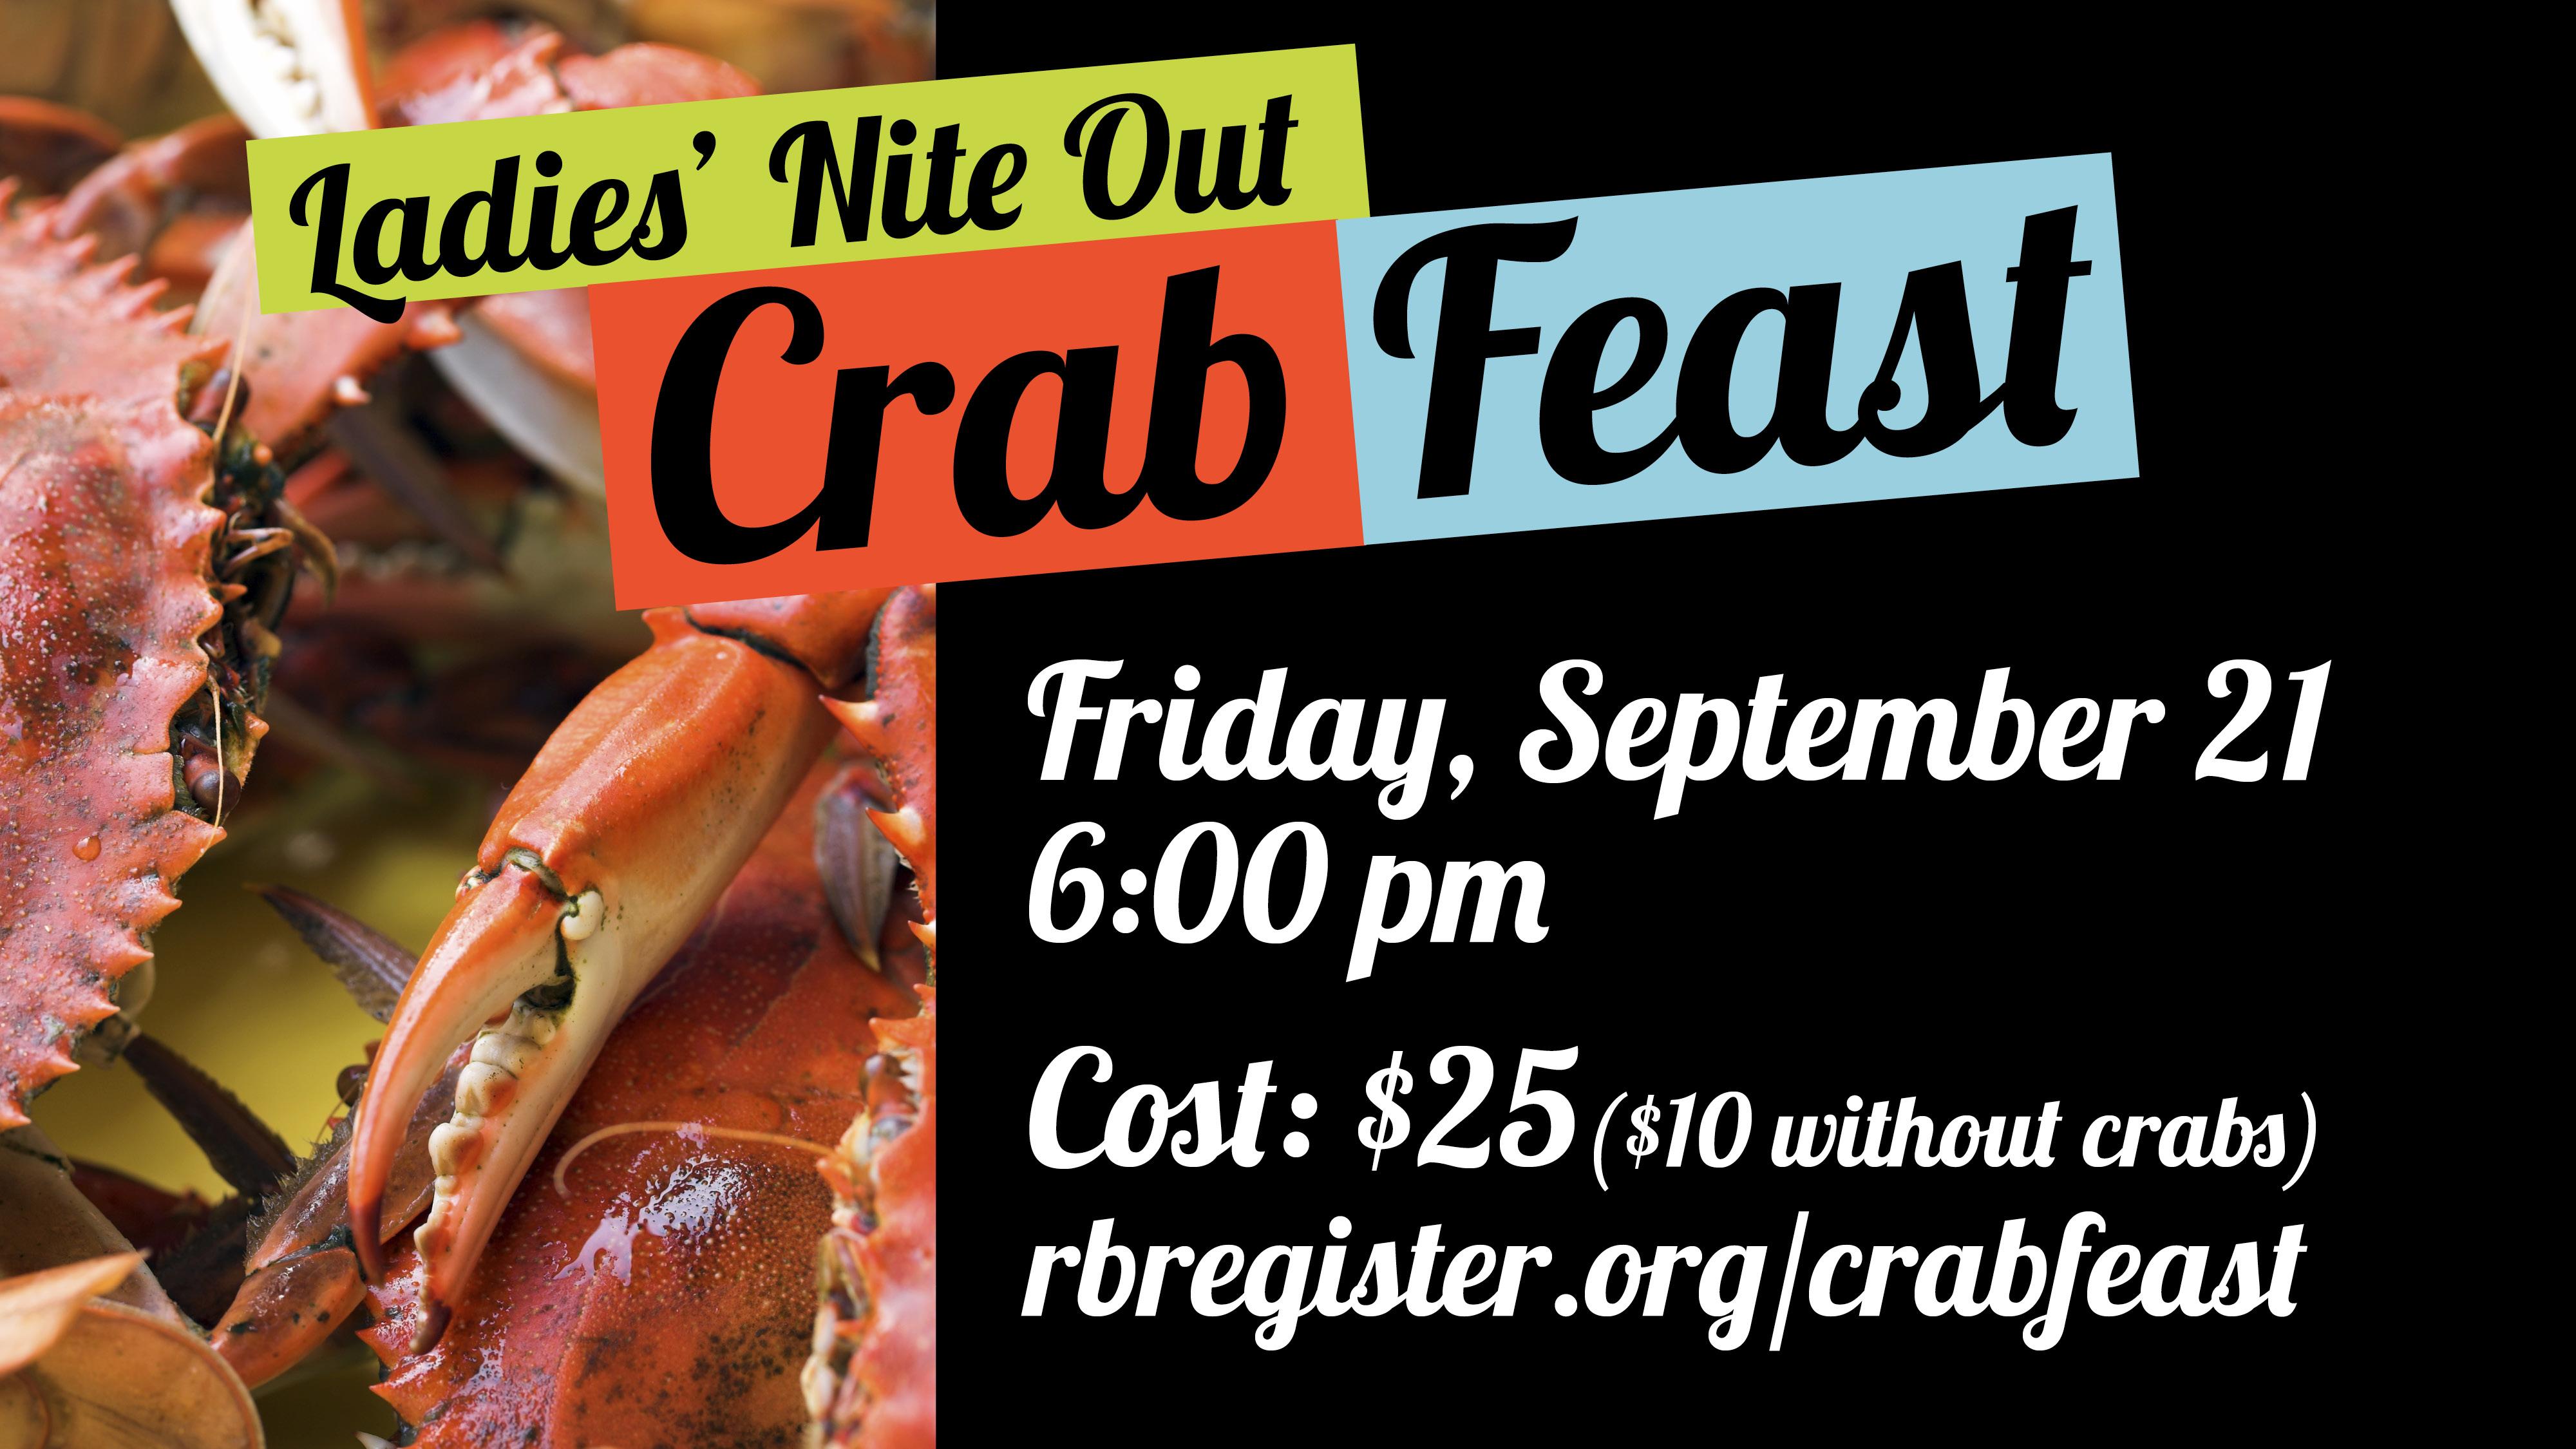 LNO Crab Feast